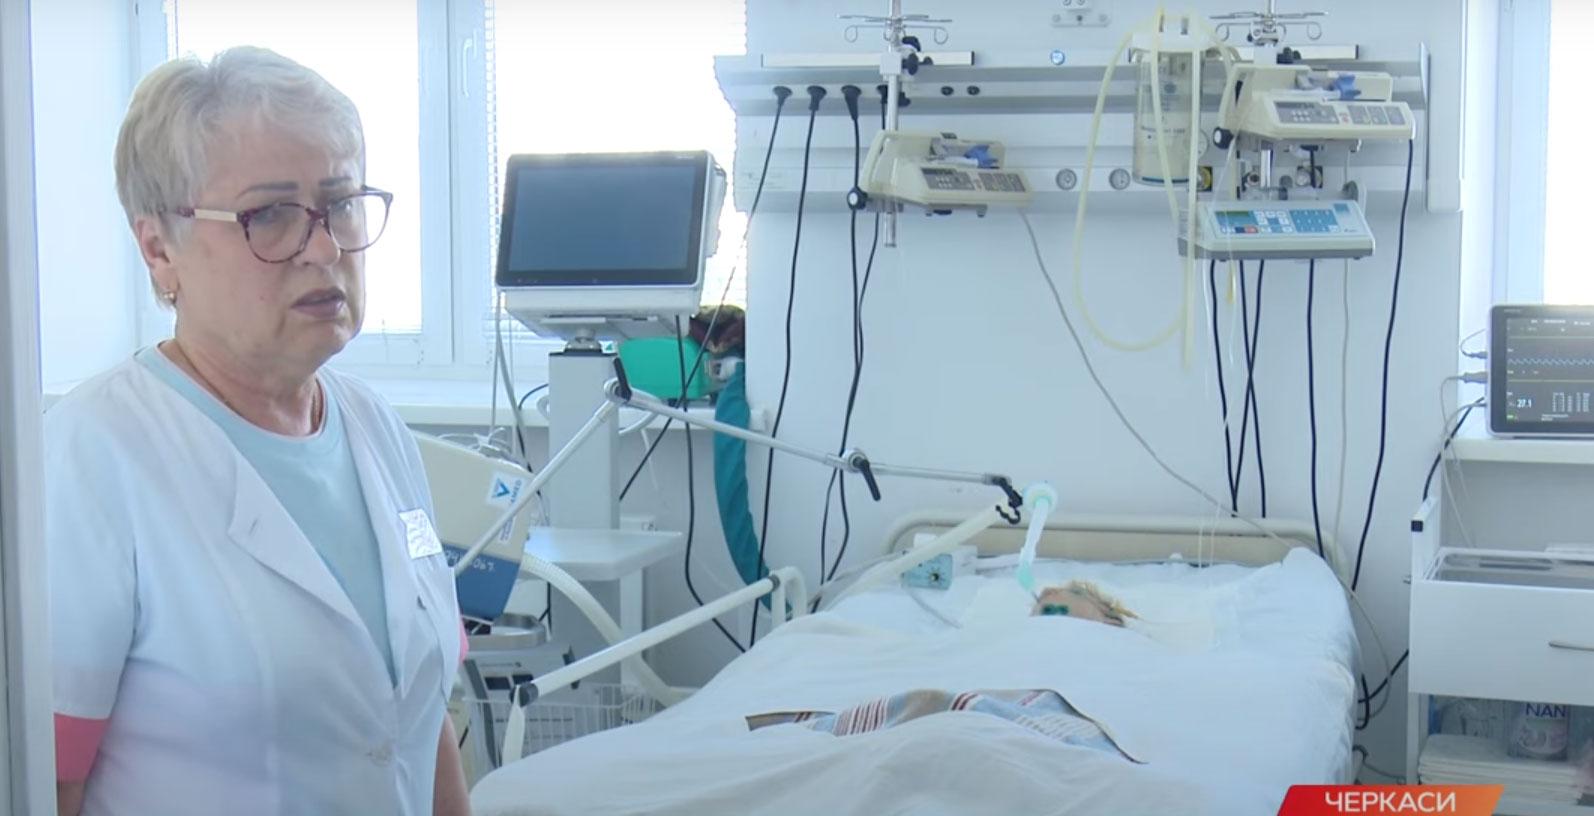 О состоянии мальчика из Черкасс рассказали врачи. Видео